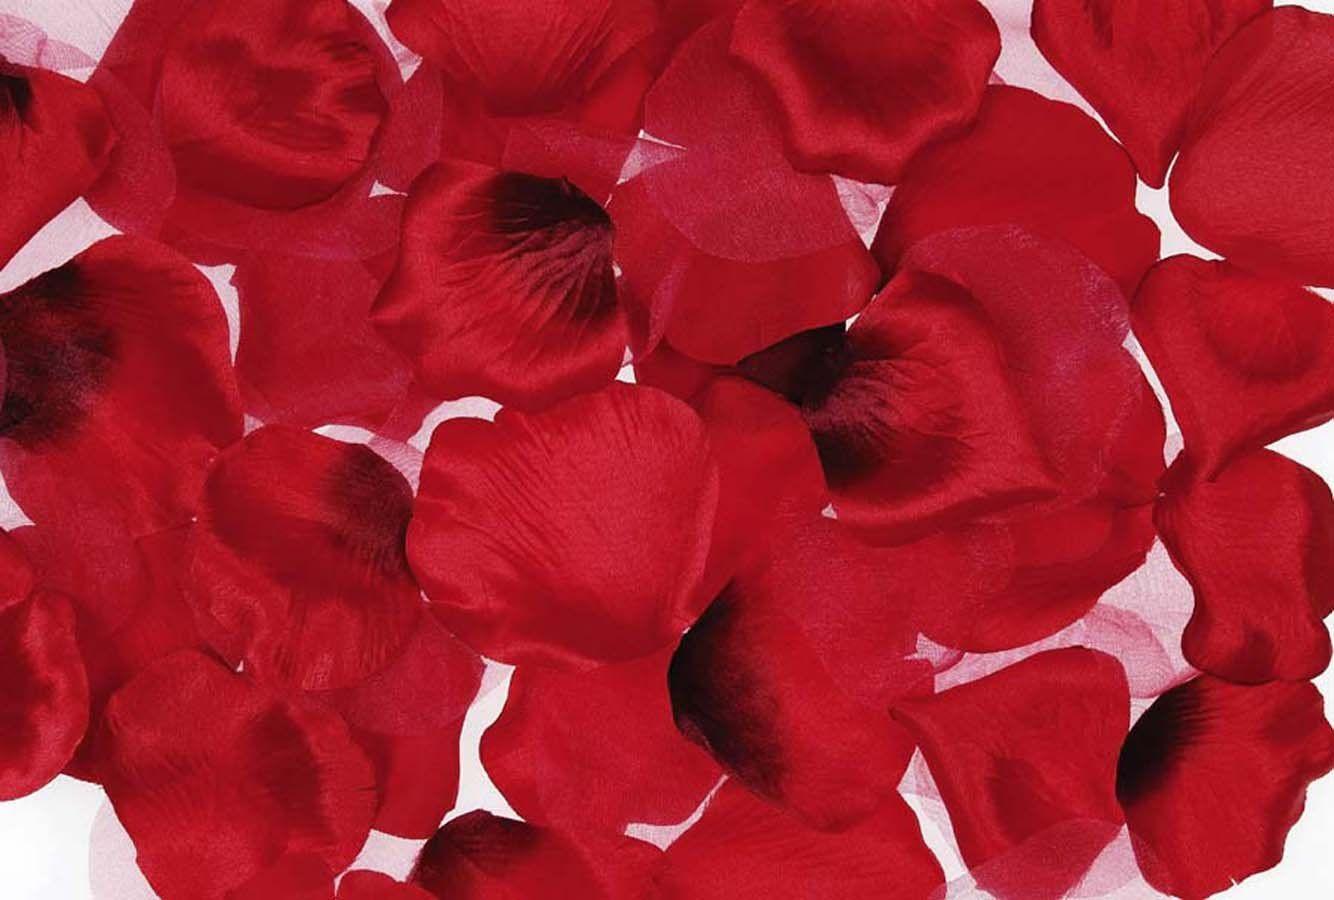 300 ARTIFICAL SILK ROSE PETALS WEDDING FLOWERS RED NEW